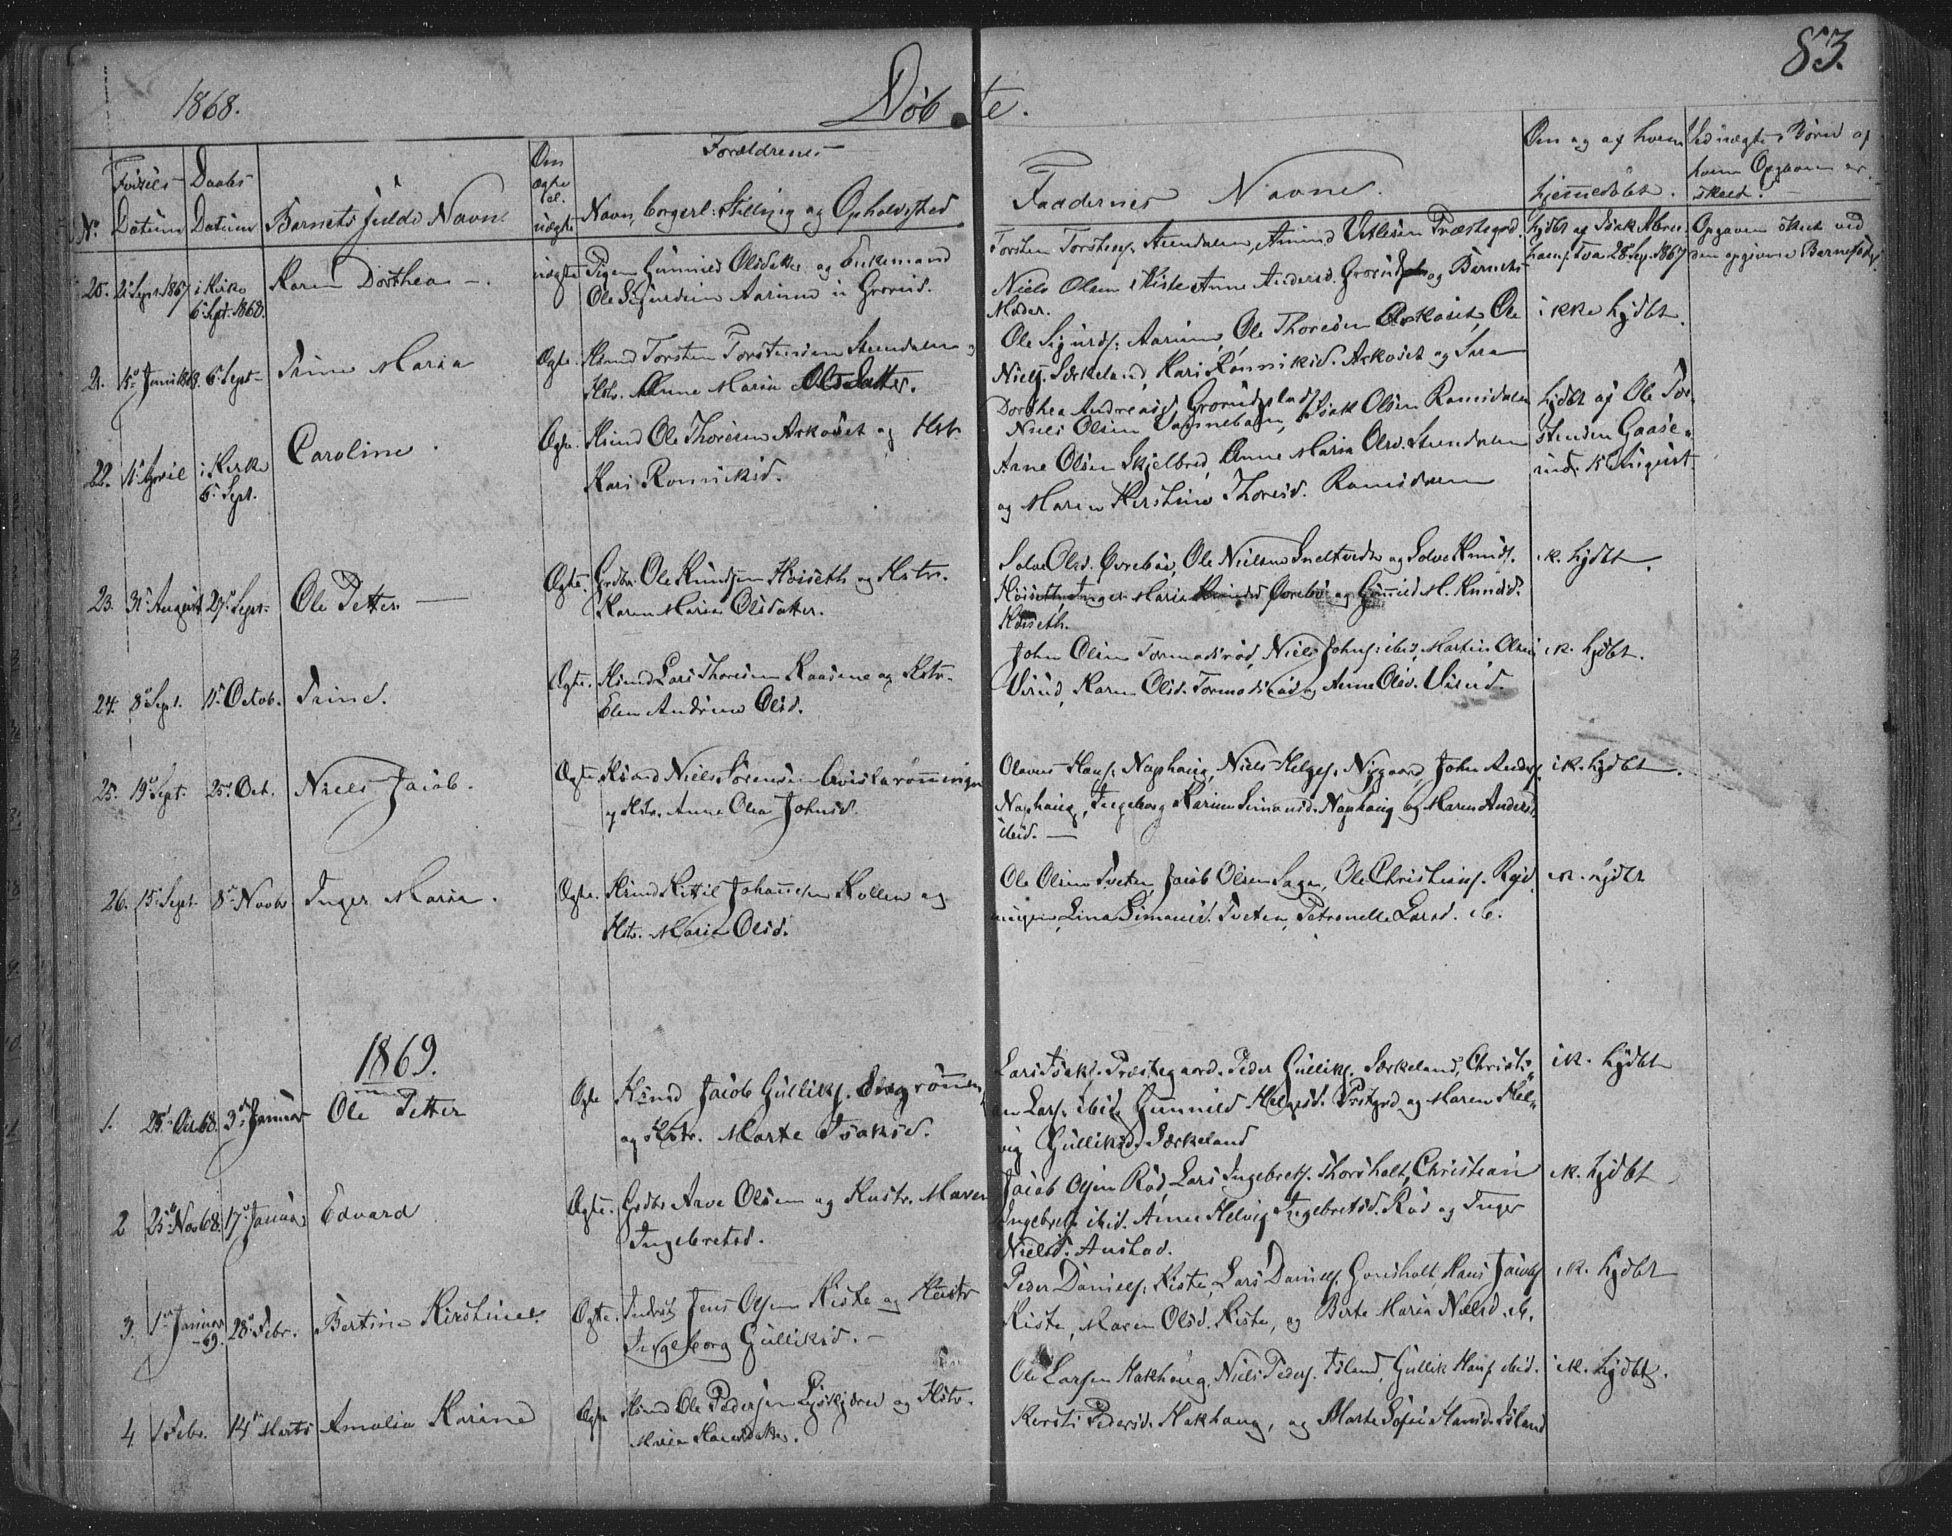 SAKO, Siljan kirkebøker, F/Fa/L0001: Ministerialbok nr. 1, 1831-1870, s. 83